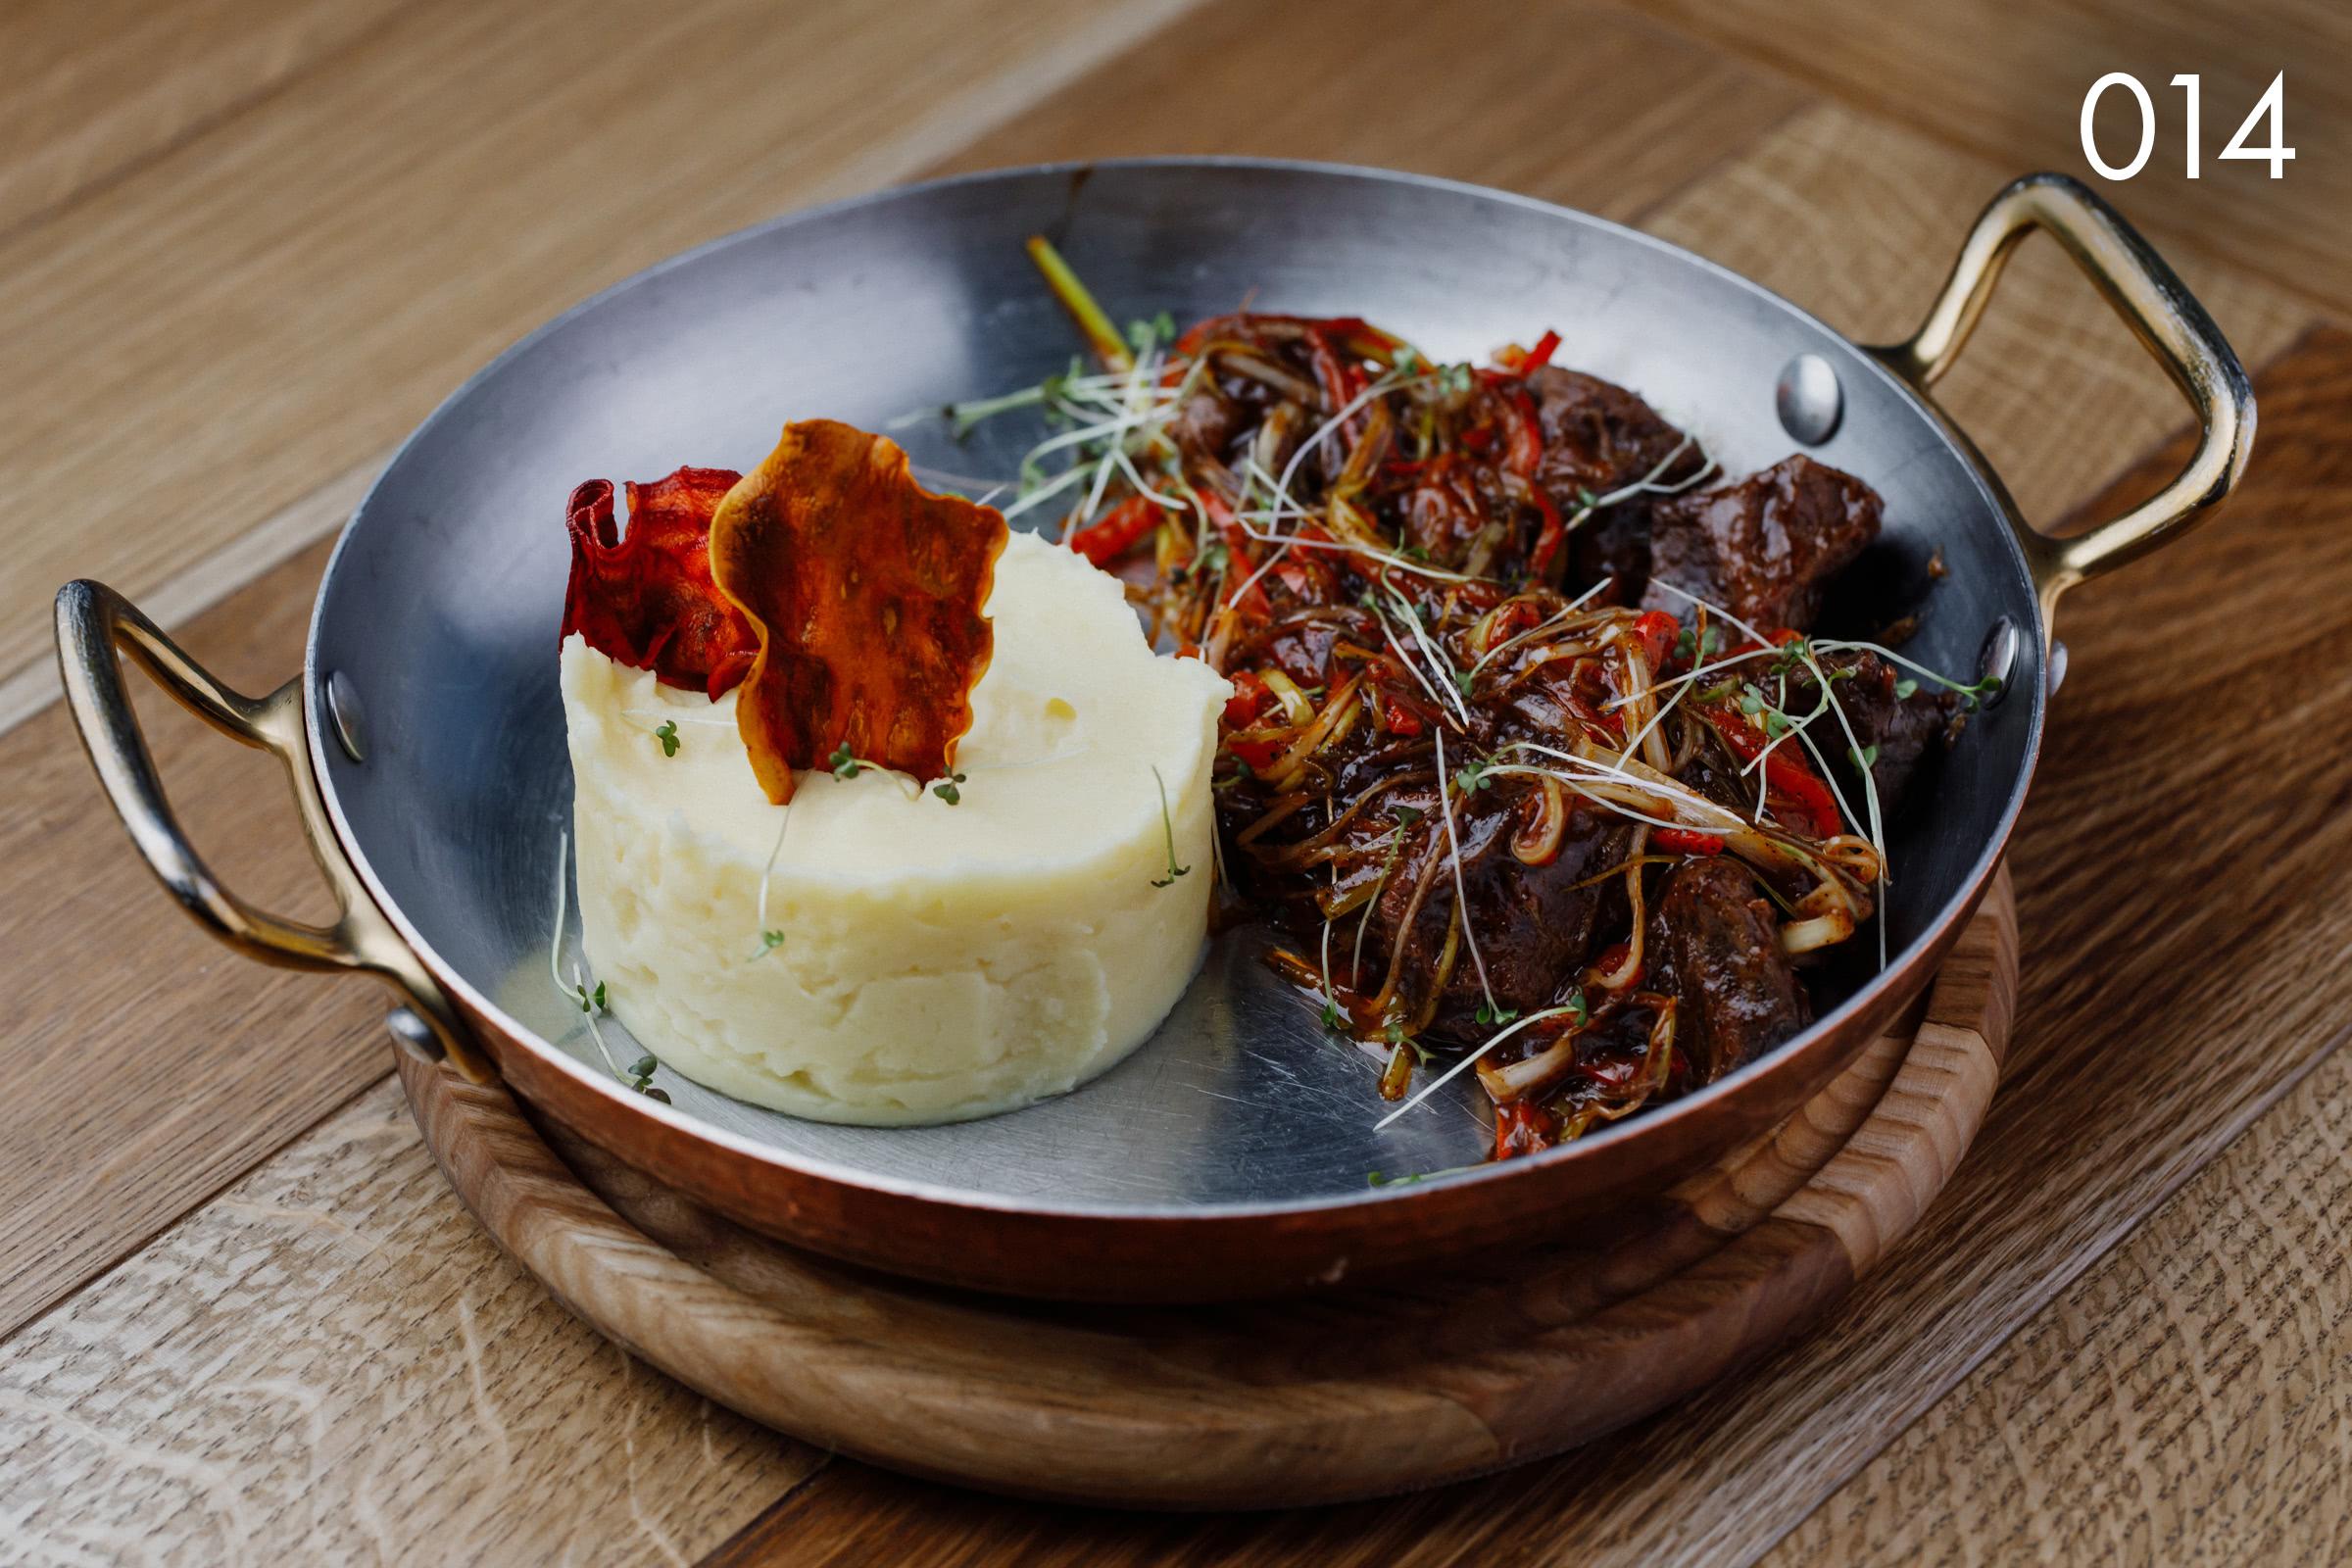 телячьи щечки с овощами в пикантном соусе в ресторане Веранда